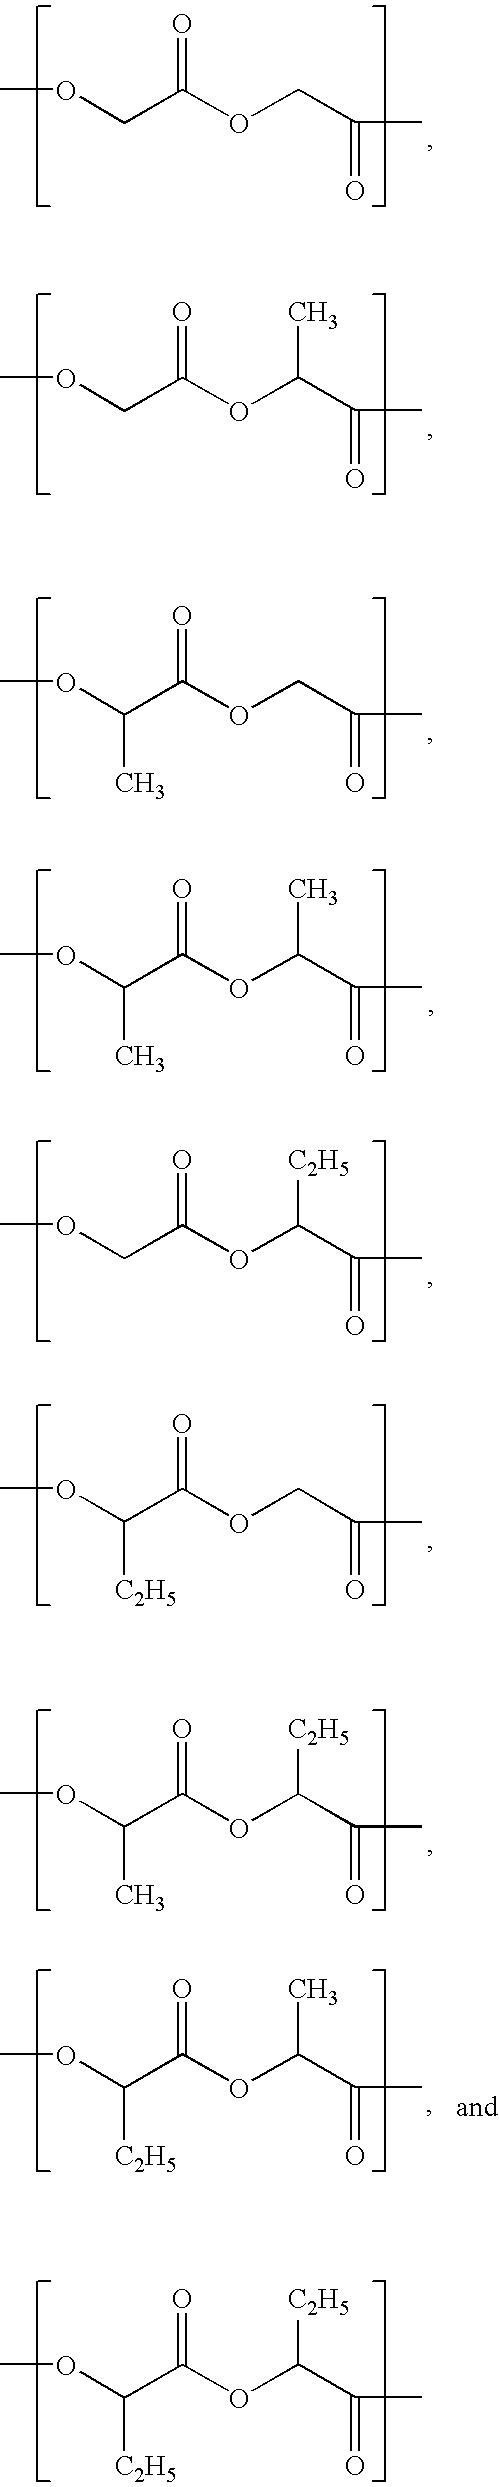 Figure US08728528-20140520-C00001